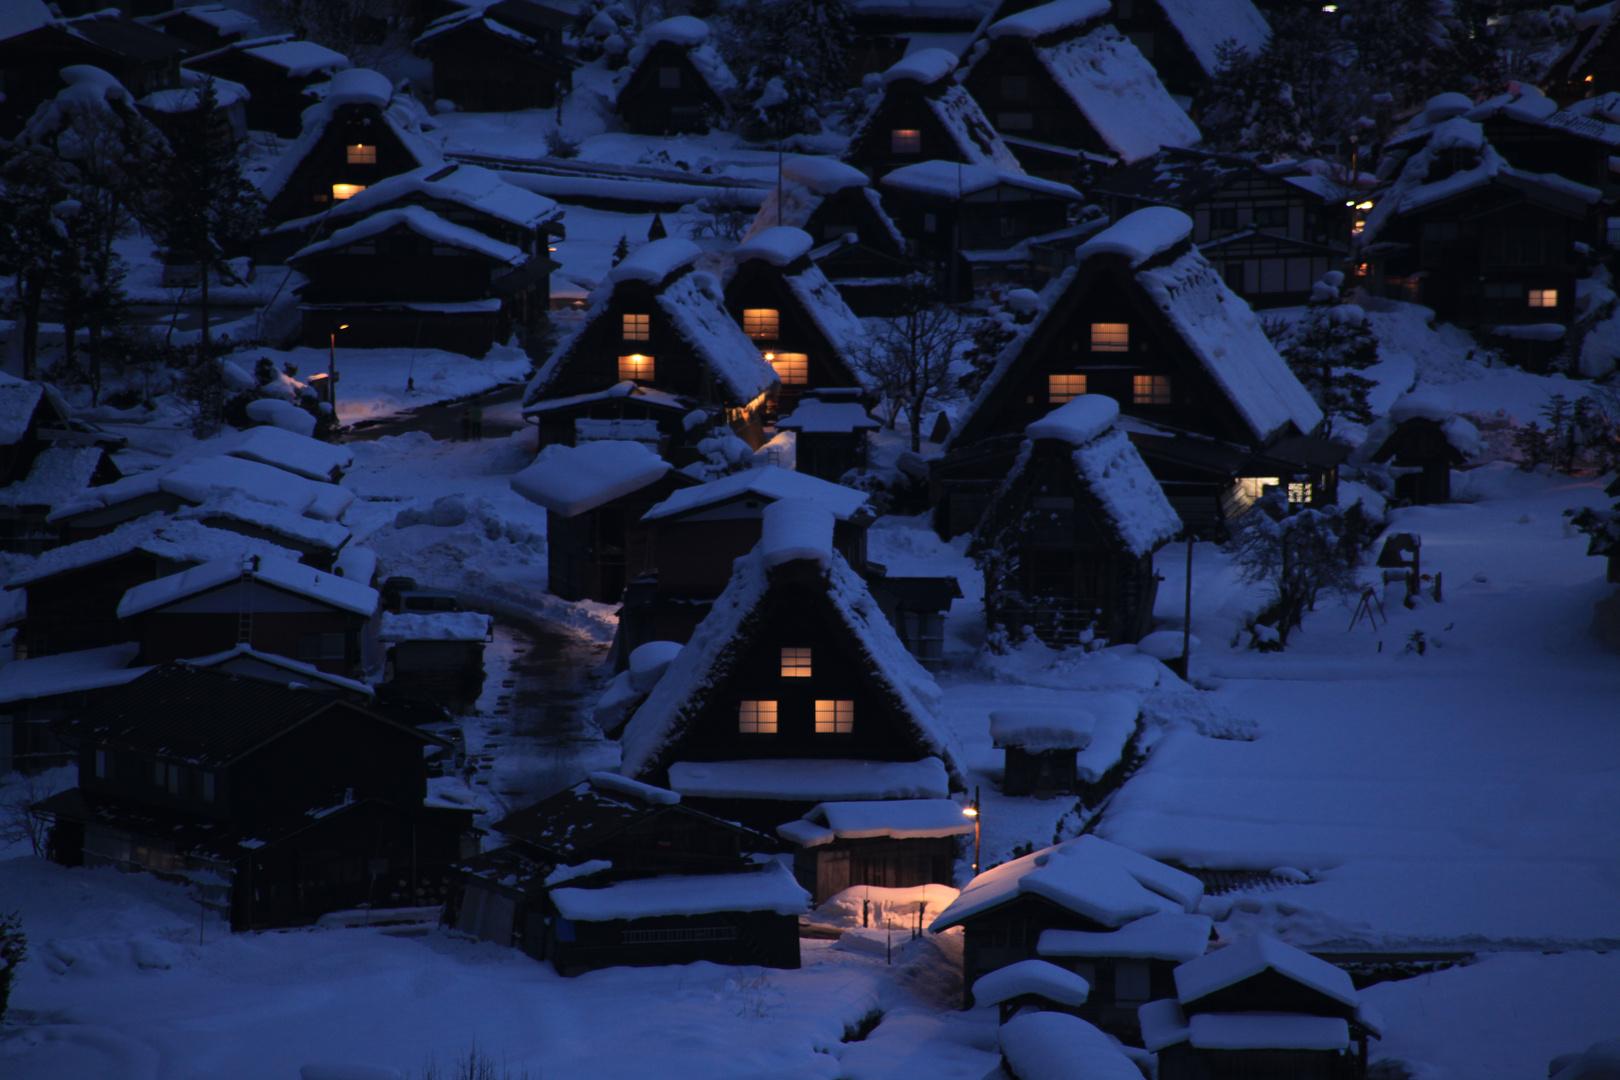 Wintertime in Shirakawa-Go